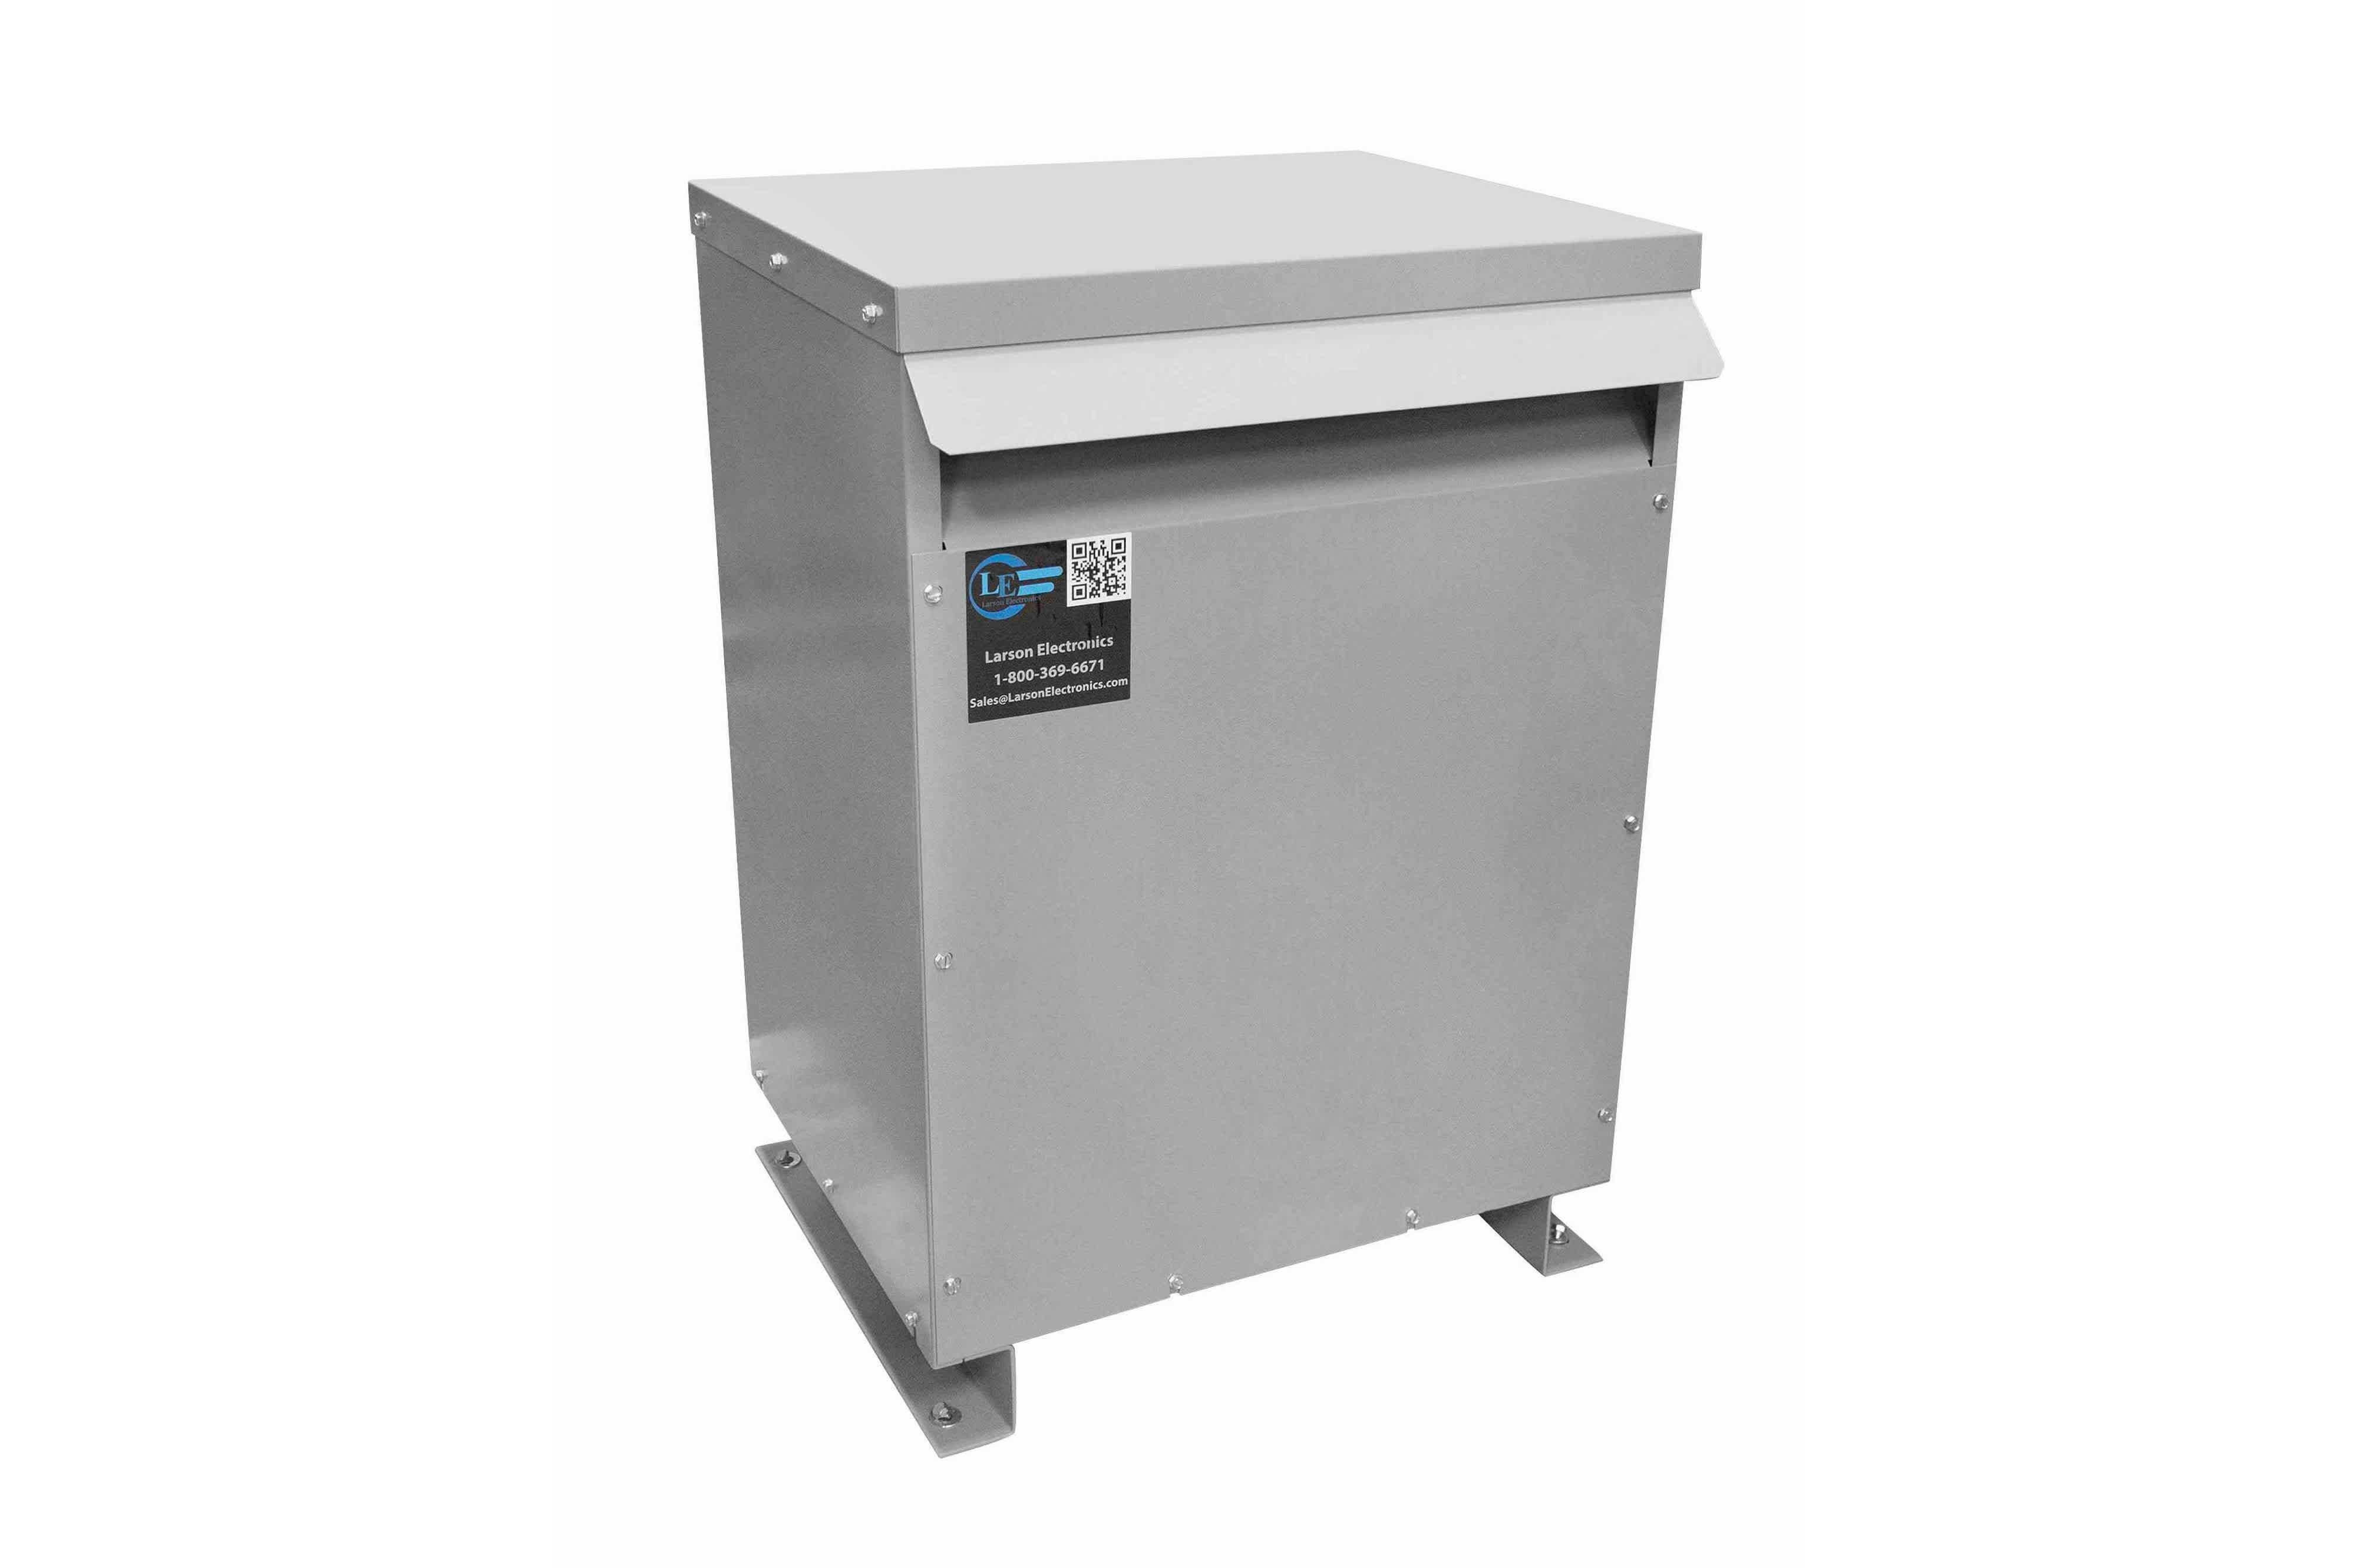 28 kVA 3PH DOE Transformer, 575V Delta Primary, 240V/120 Delta Secondary, N3R, Ventilated, 60 Hz